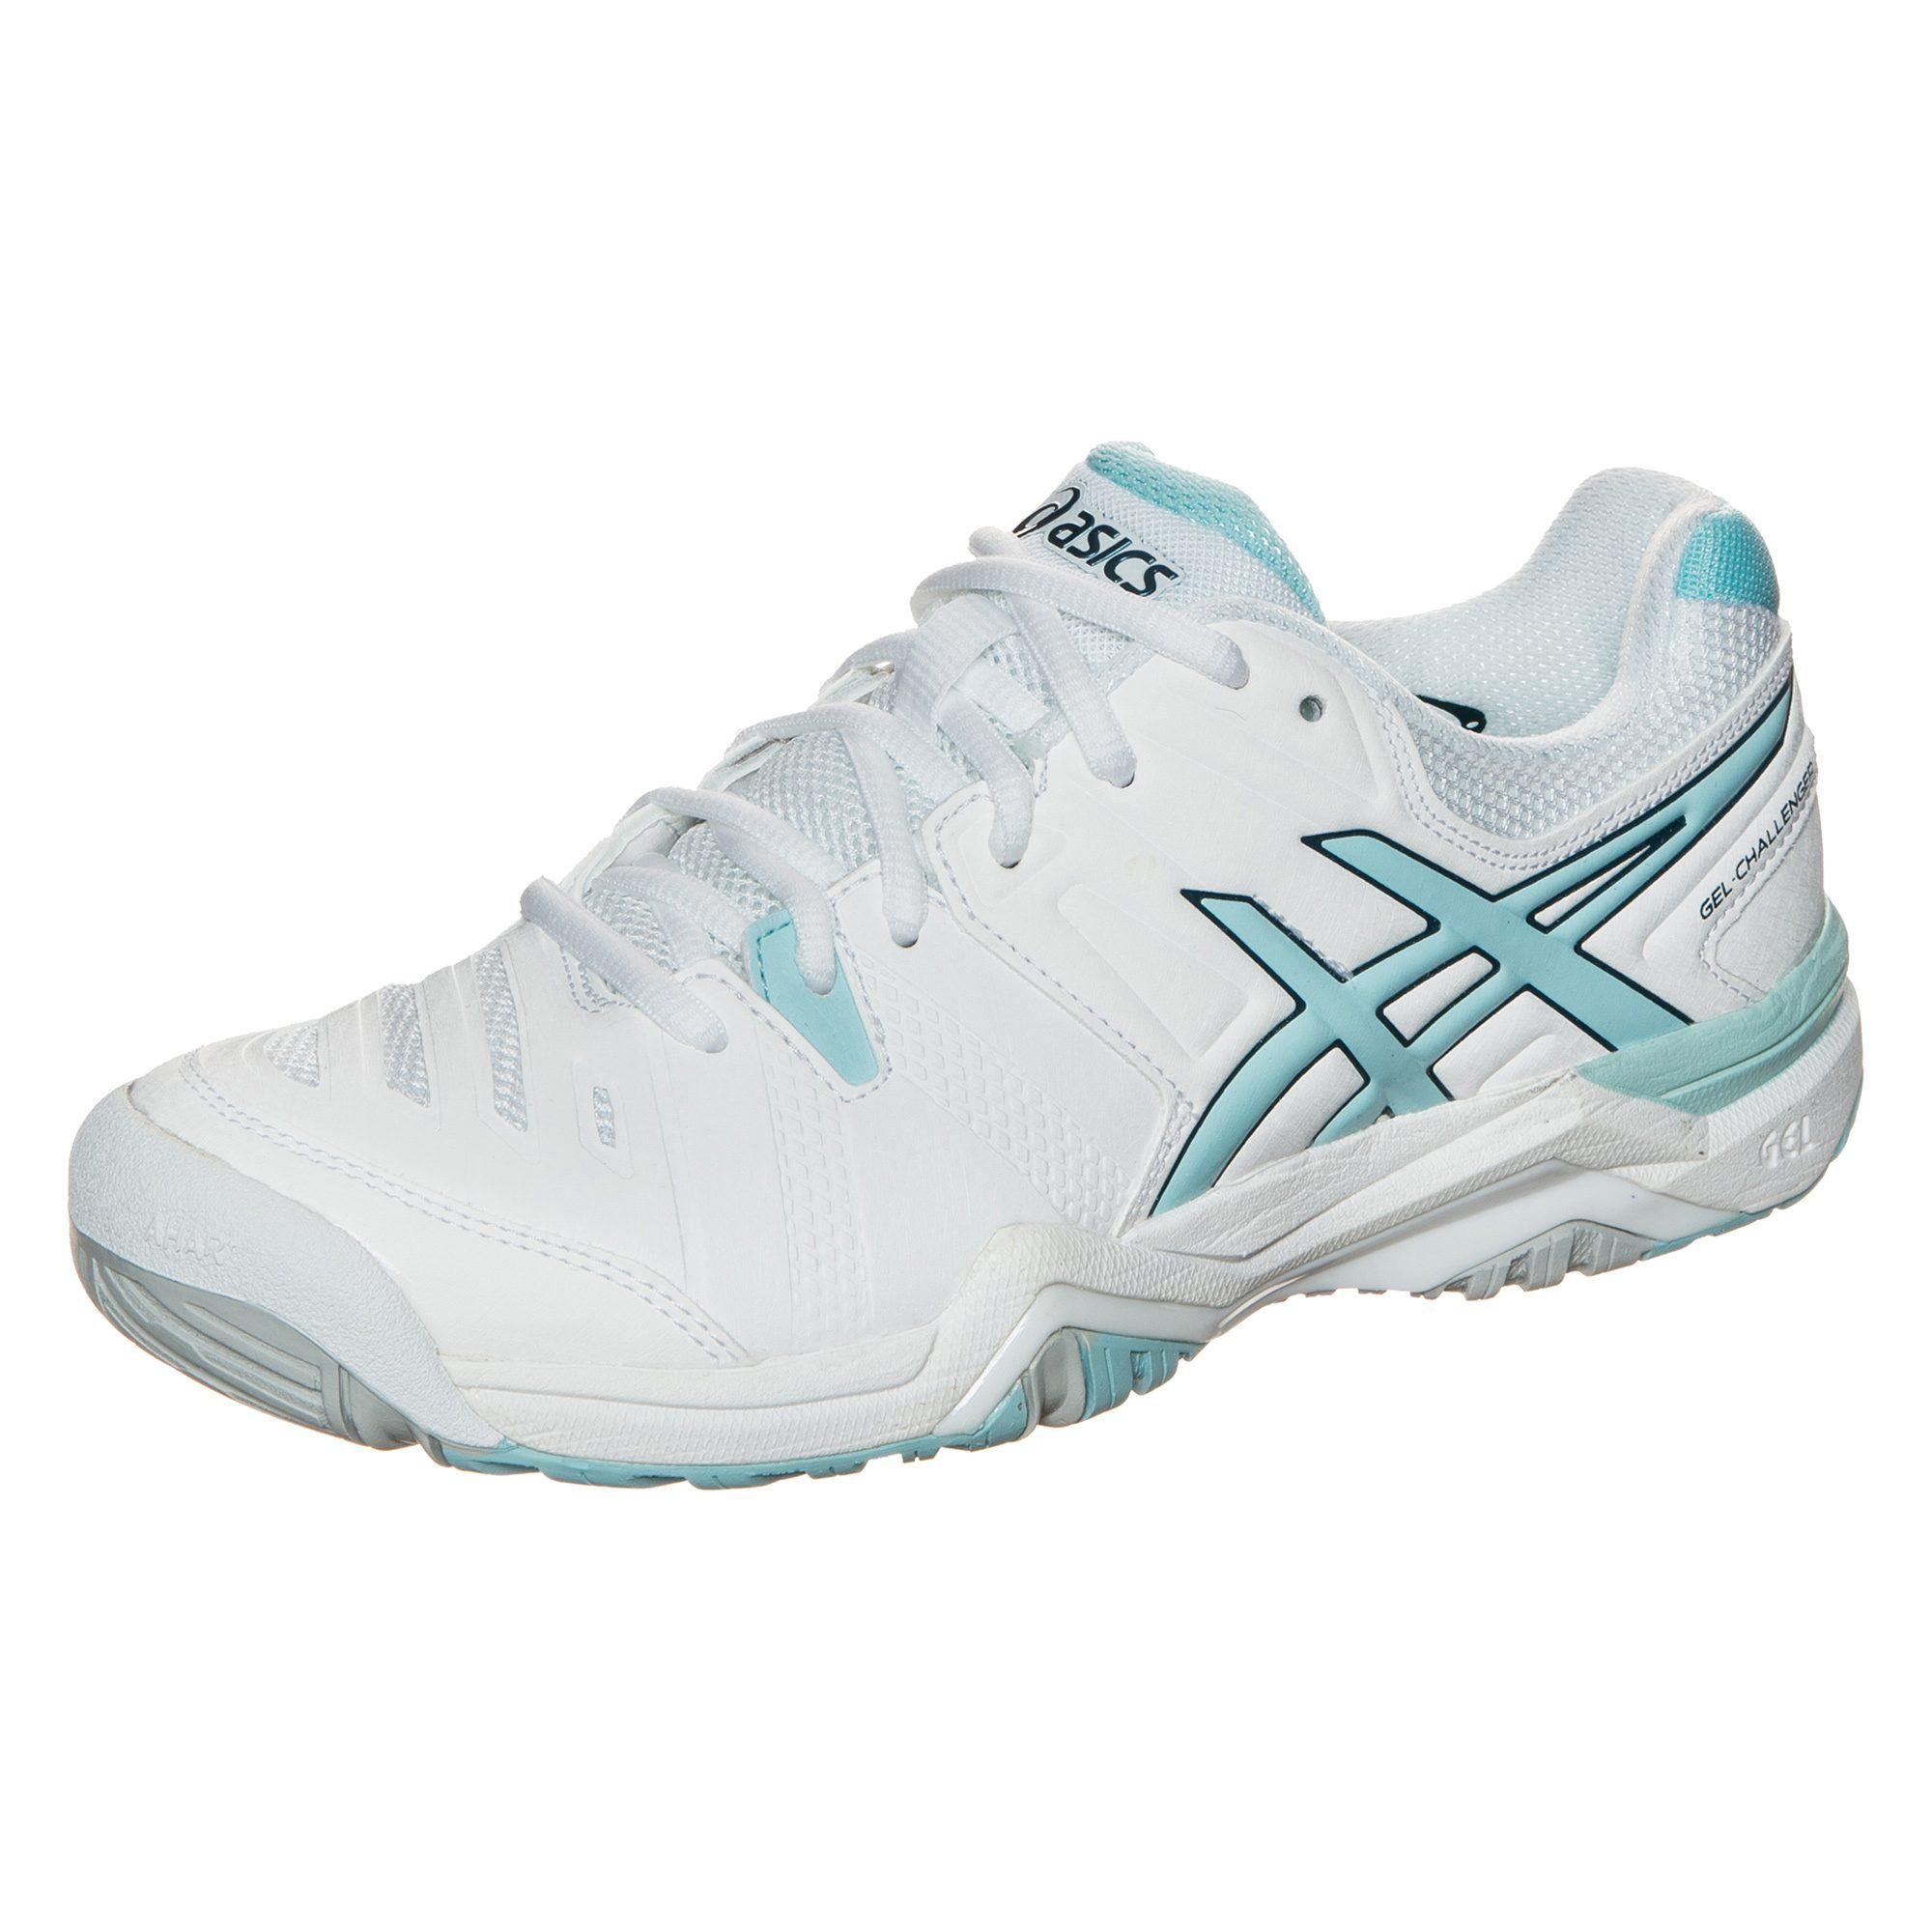 ASICS Gel-Challenger 10 Tennisschuh Damen | Schuhe > Sportschuhe > Tennisschuhe | Weiß | Asics